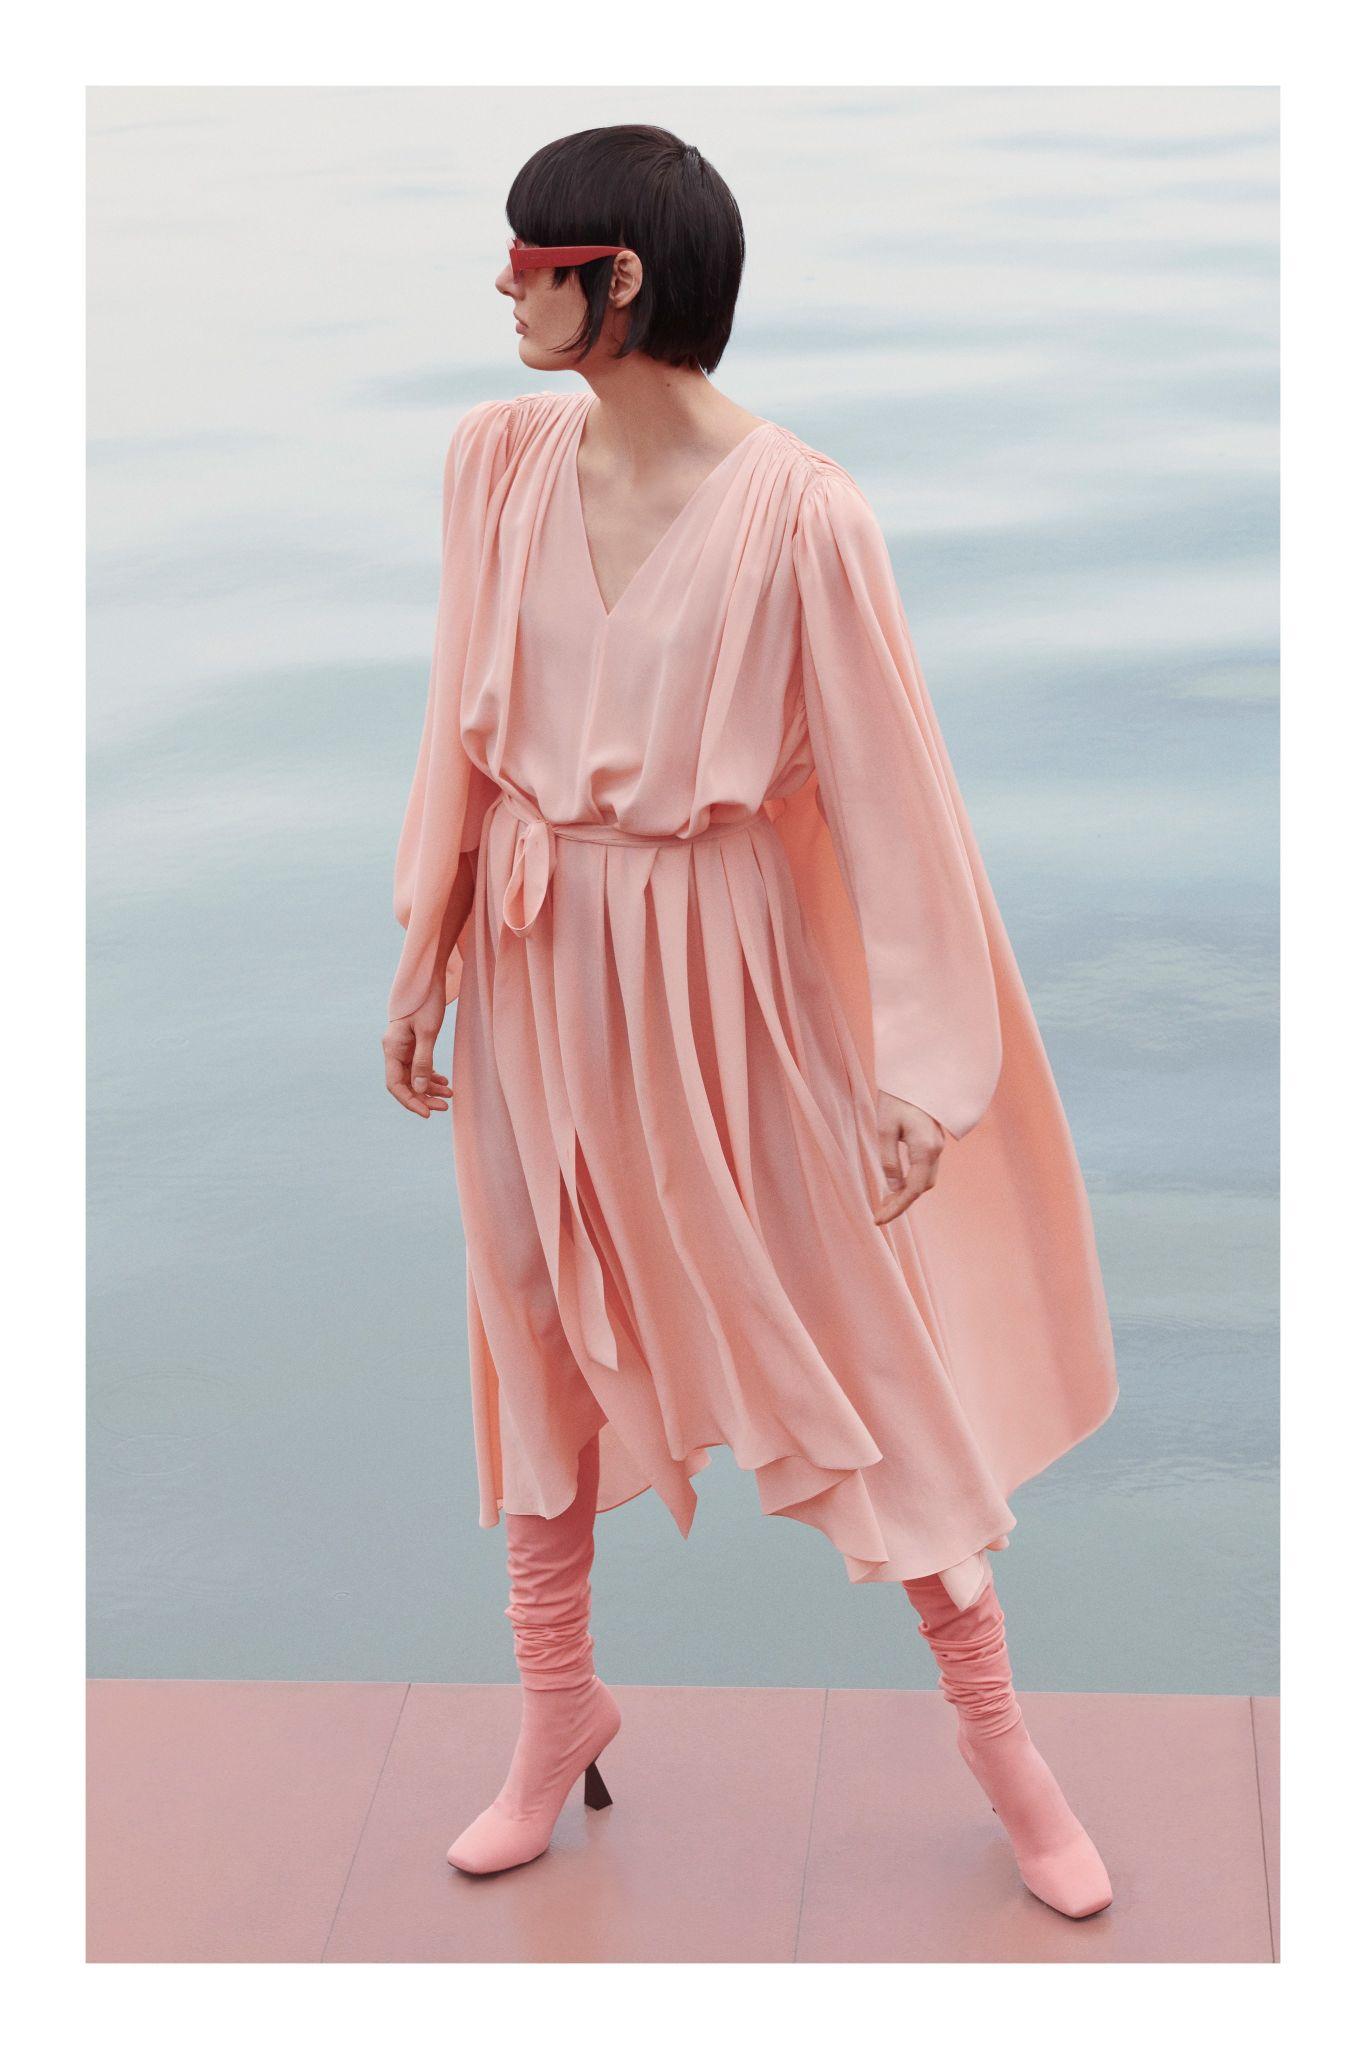 مجموعة أزياء جيفنشي لما قبل خريف 2020